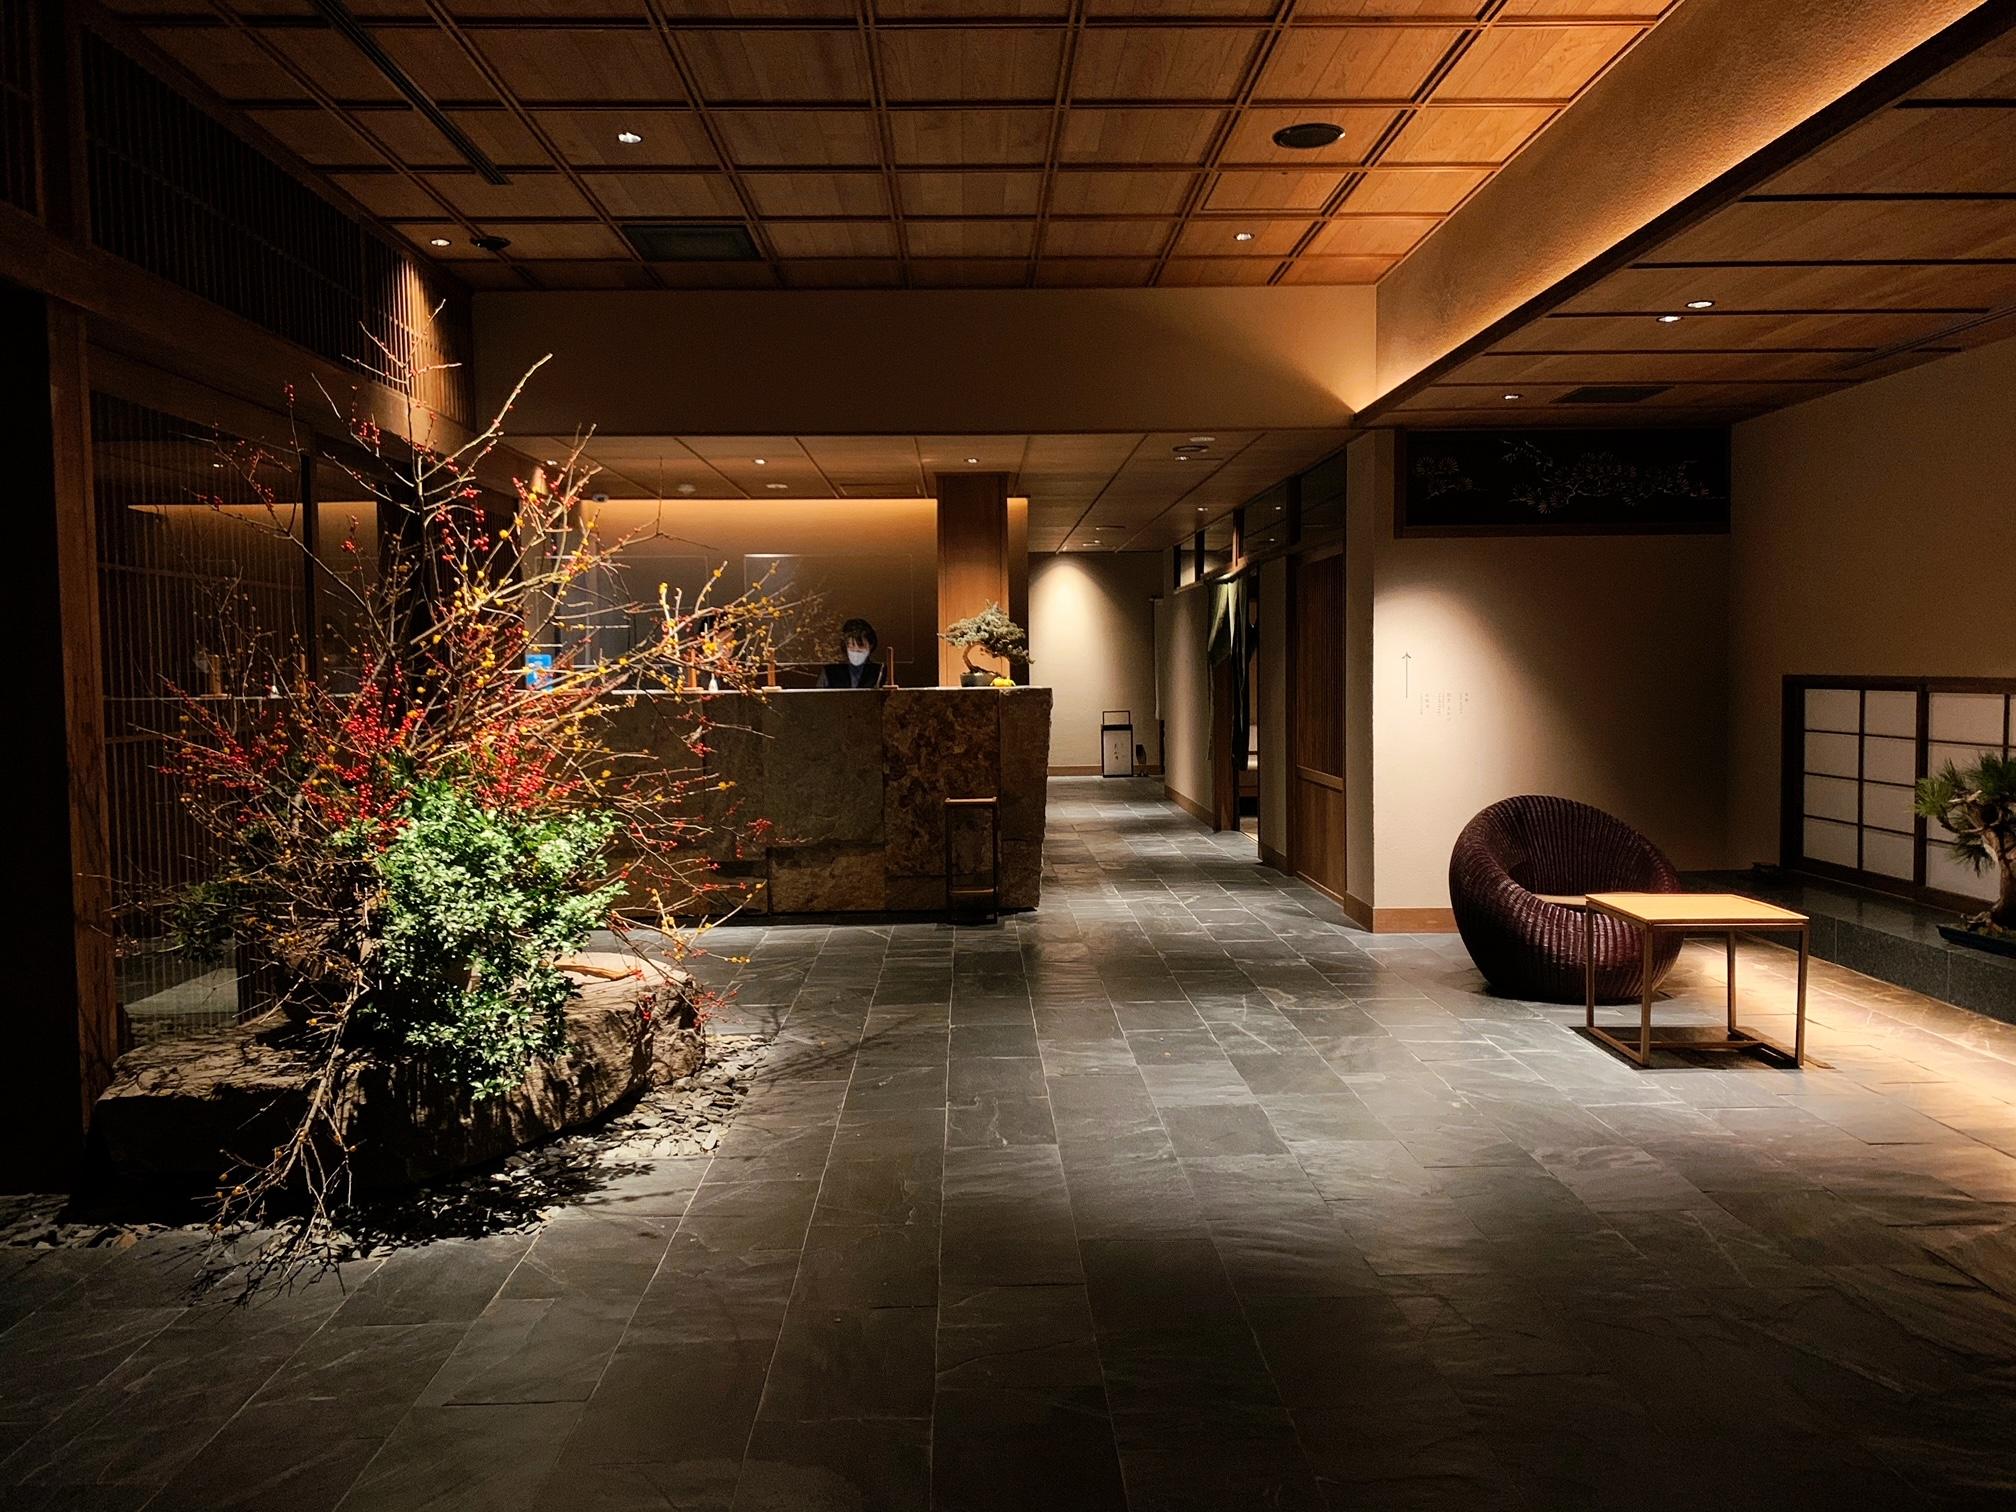 【なかなか予約が取れない!】東京に居ながらにして《箱根の温泉を楽しめる人気スポット》に行ってきた♡_5